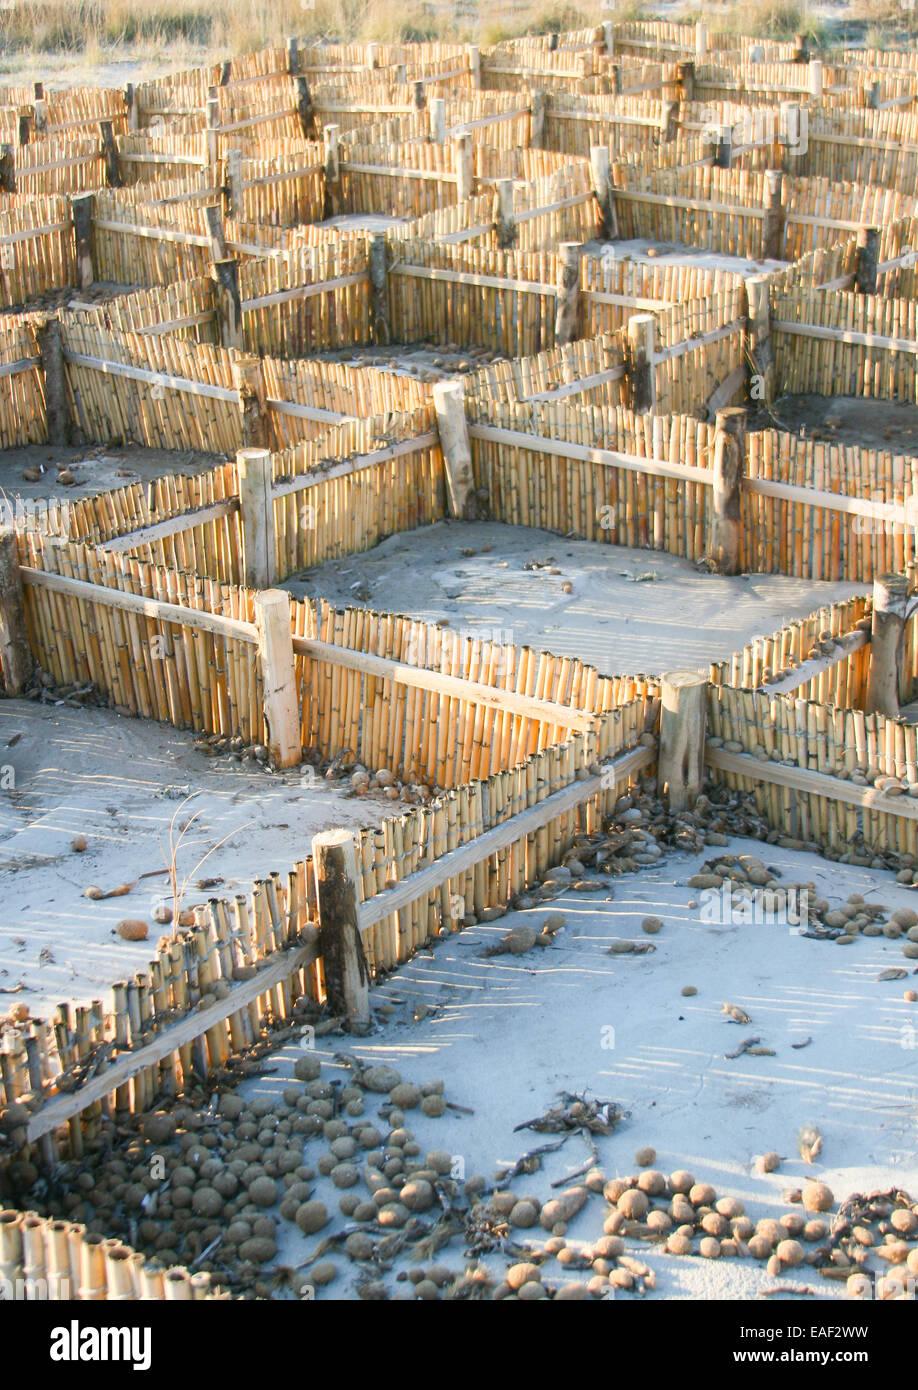 Barriere für Sand. Nützlich gegen Erosion der Küste Stockfoto